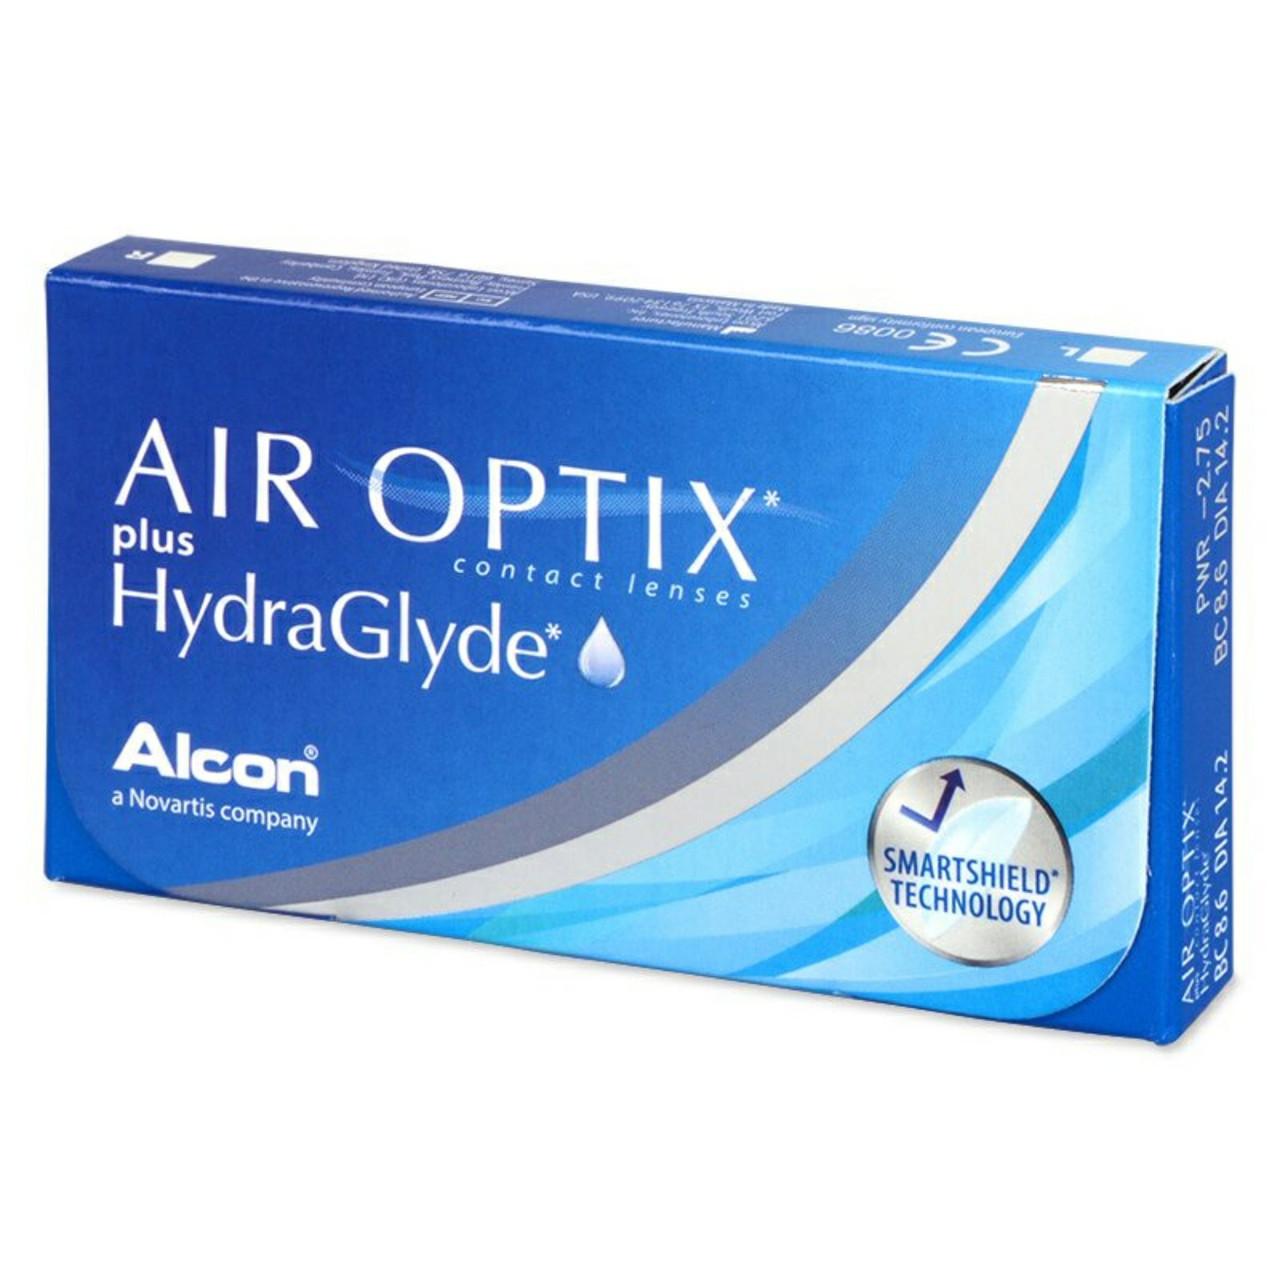 Контактные линзы +5,50 Air Optix plus HydraGlyde